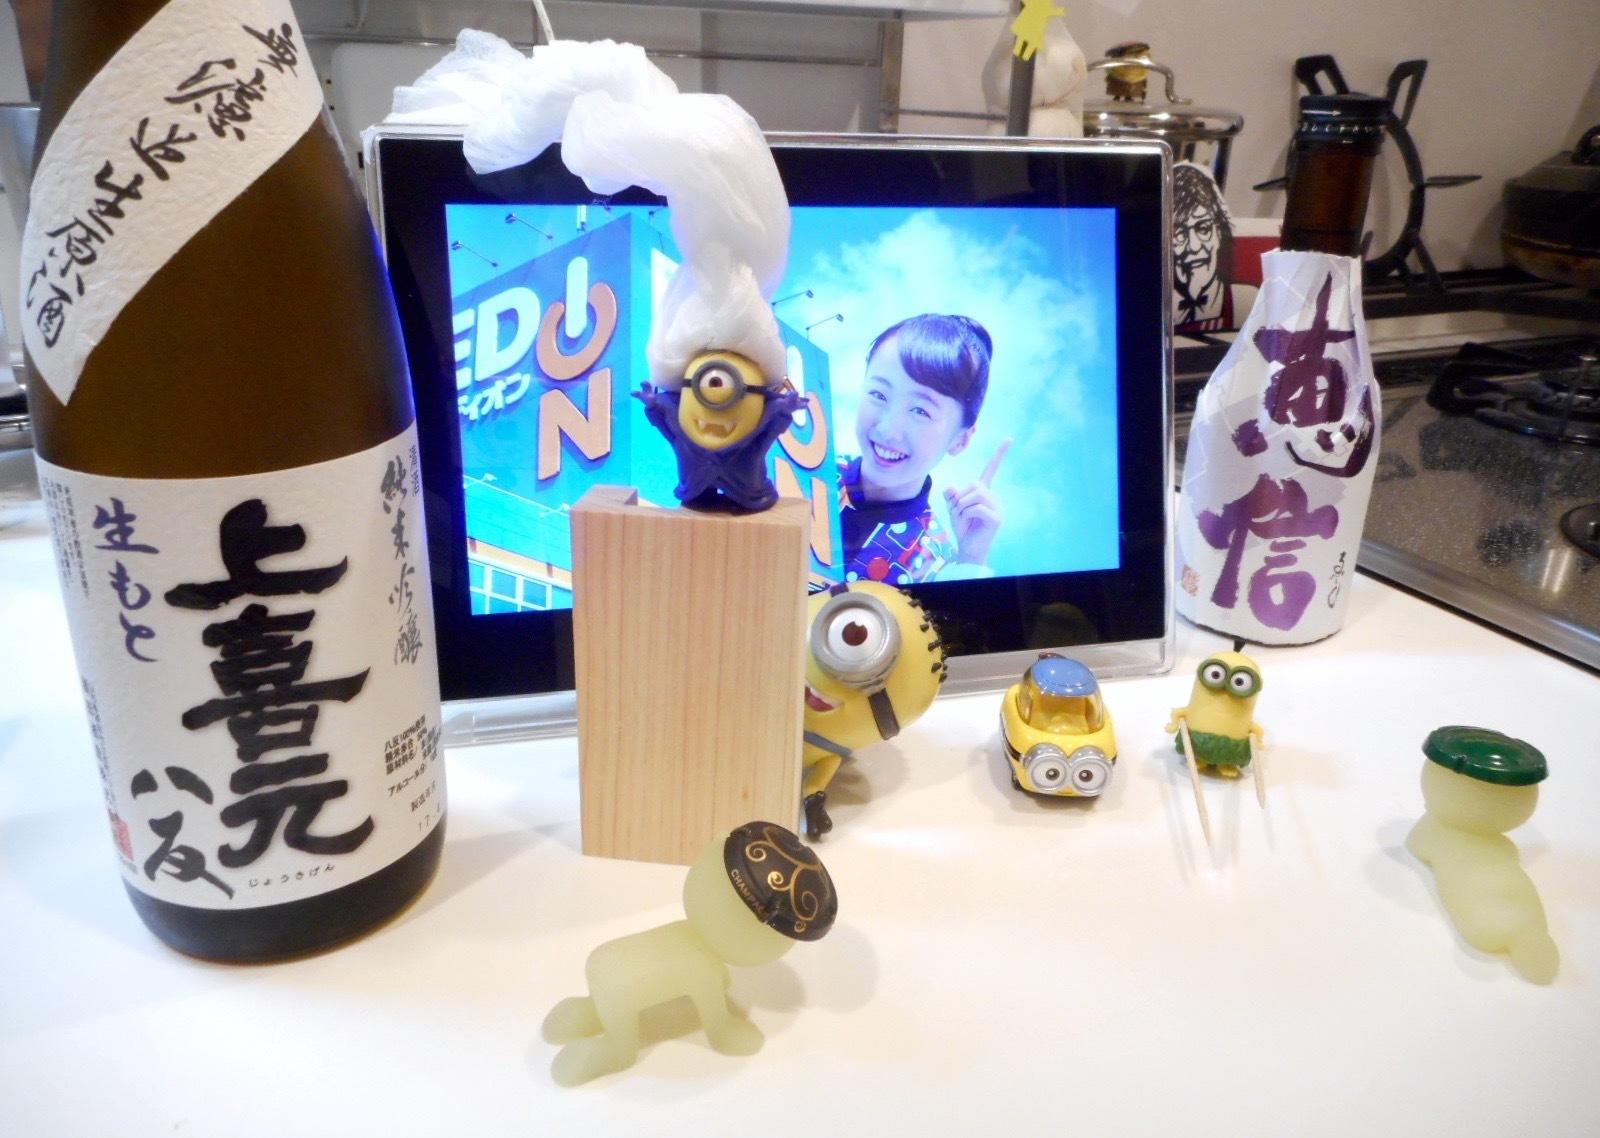 joukigen_kimoto_hattan28by9.jpg